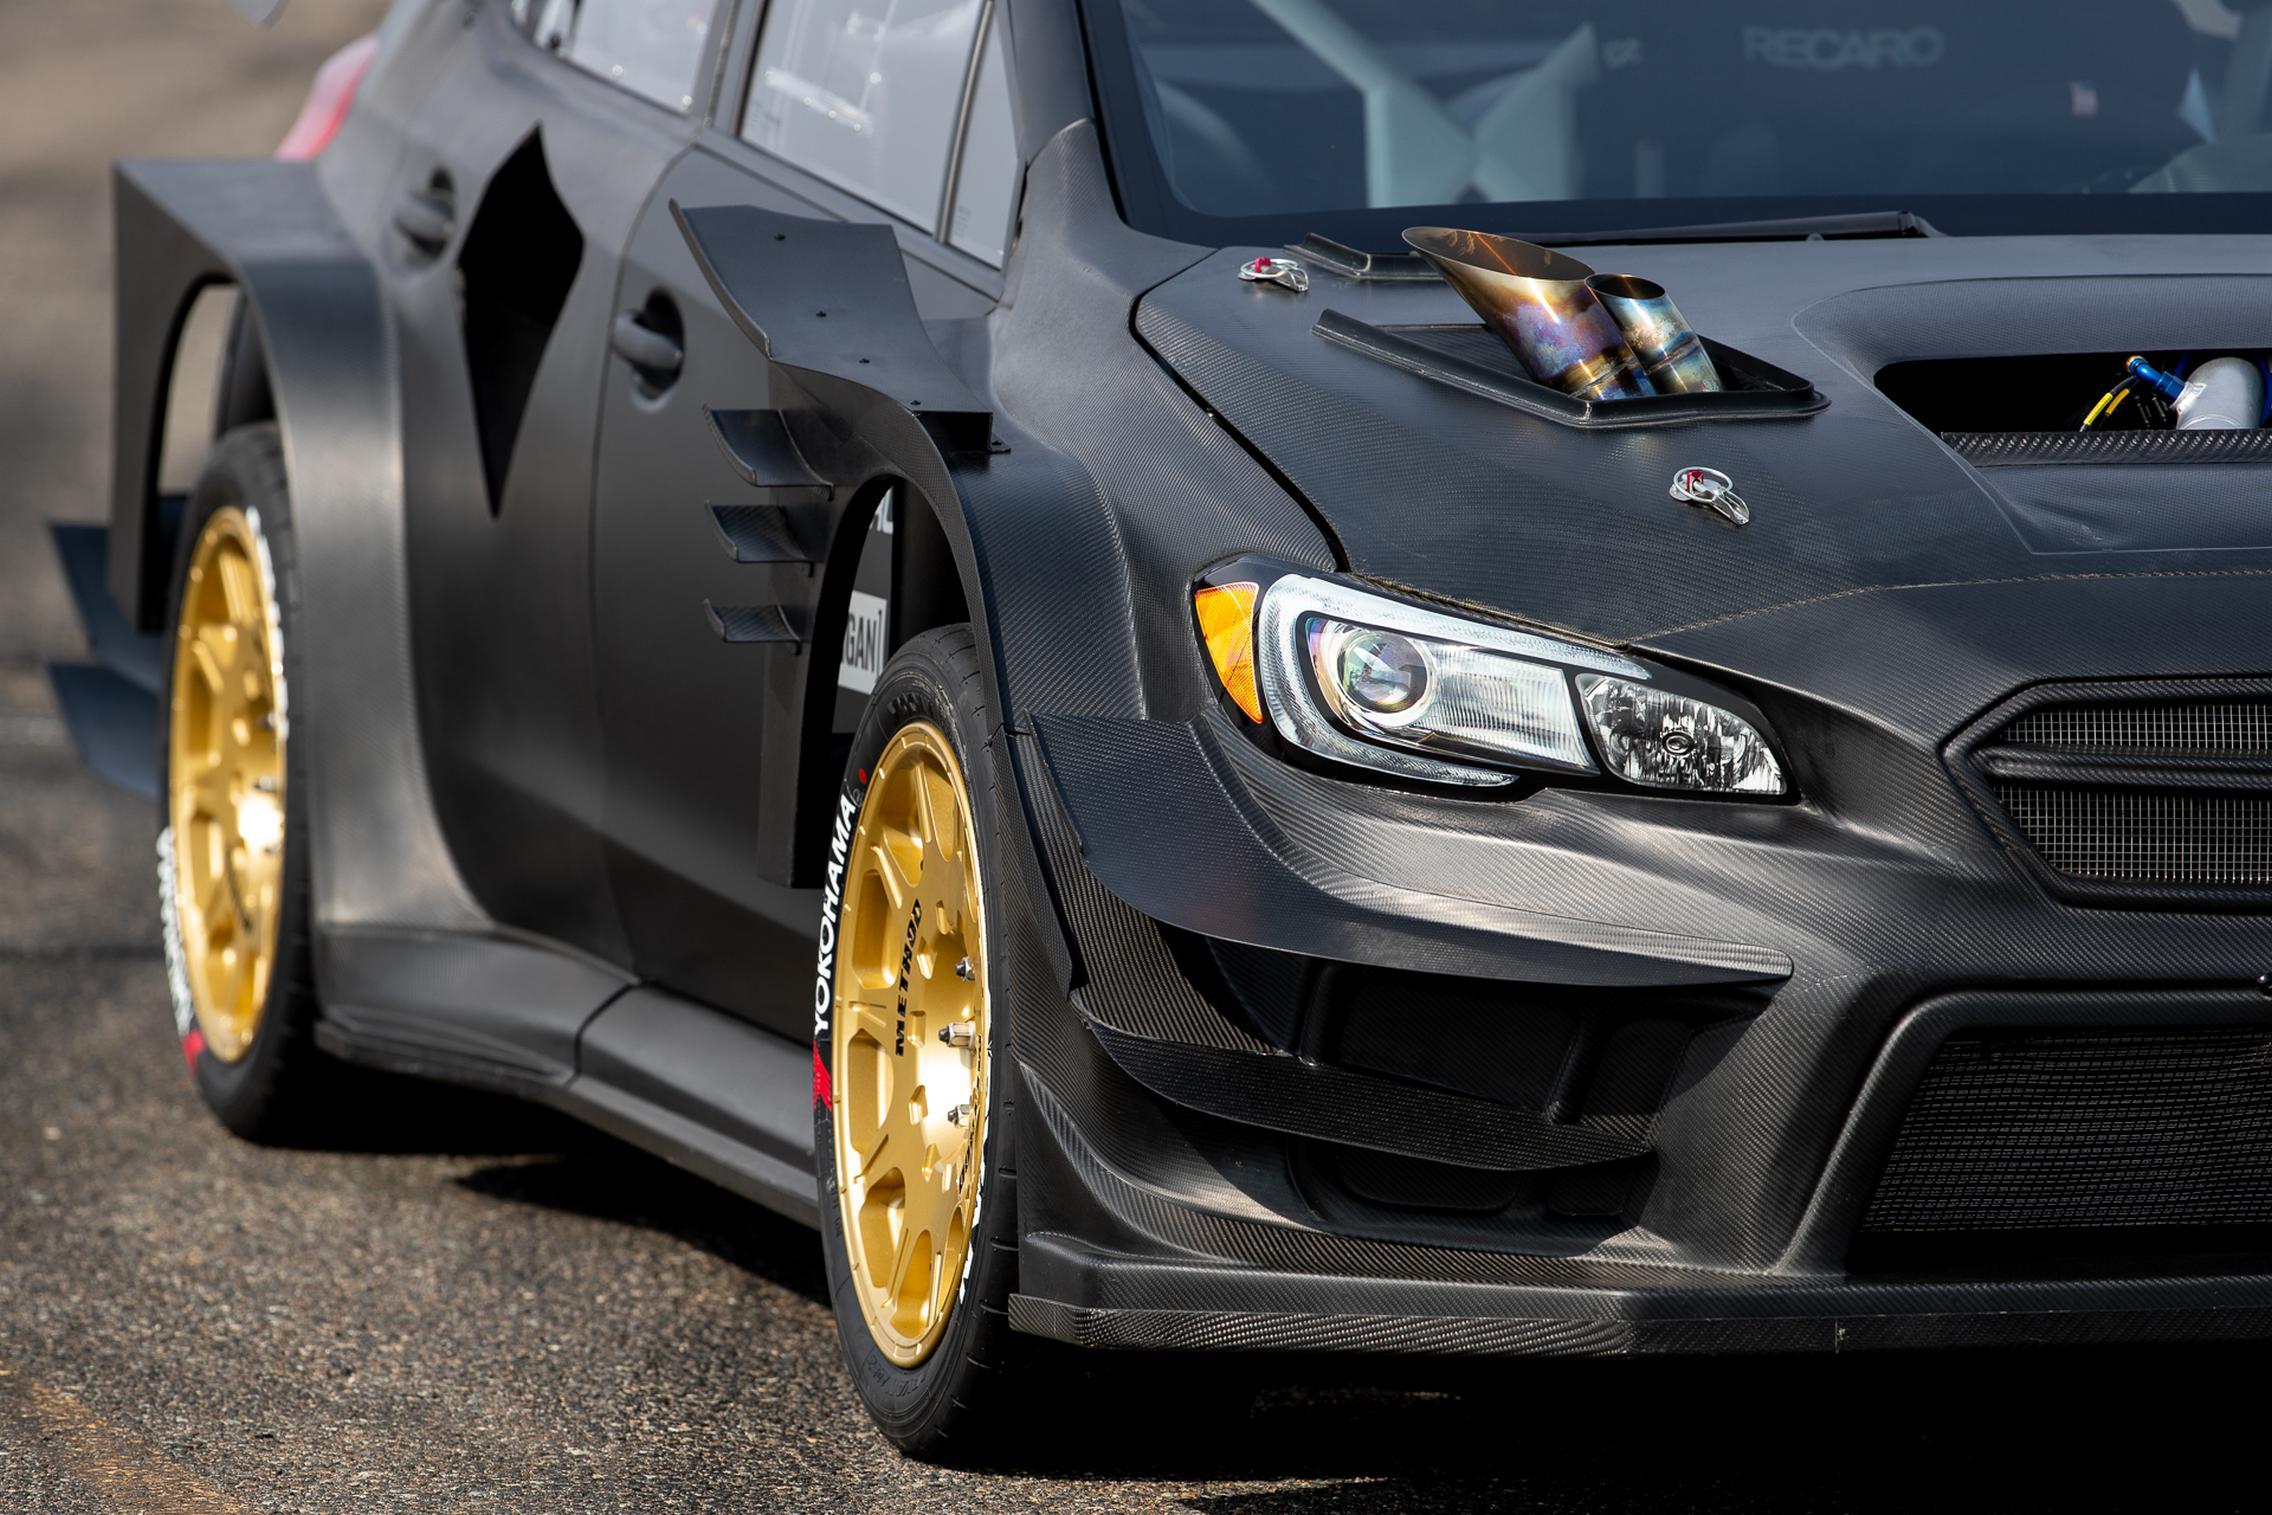 2020 Gymkhana Subaru WRX STI Exhaust